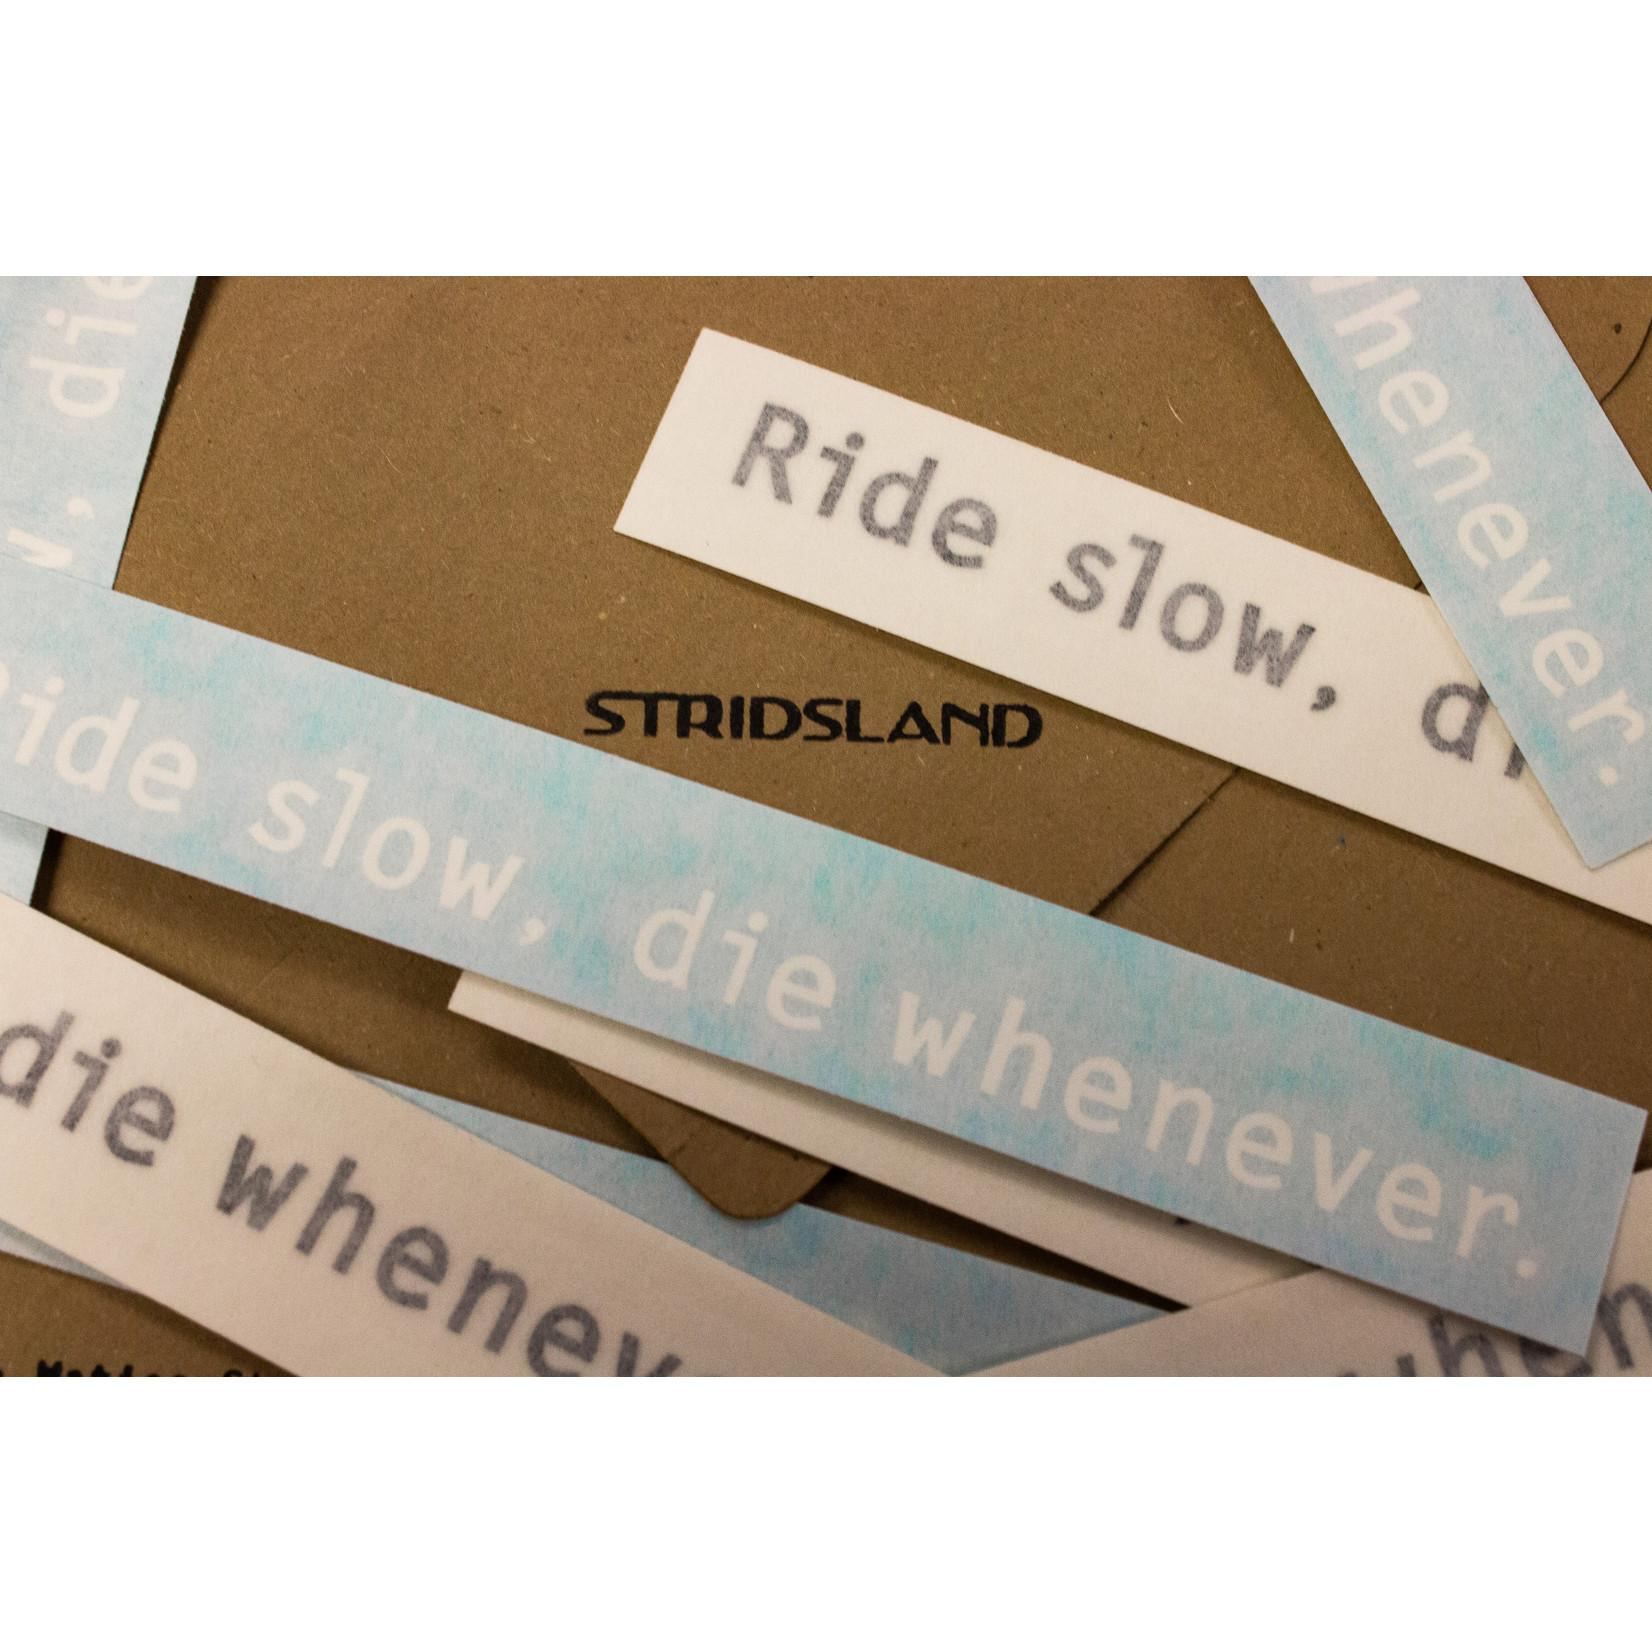 """Stridsland Stridsland 'Ride Slow, Die Whenever"""" Sticker"""